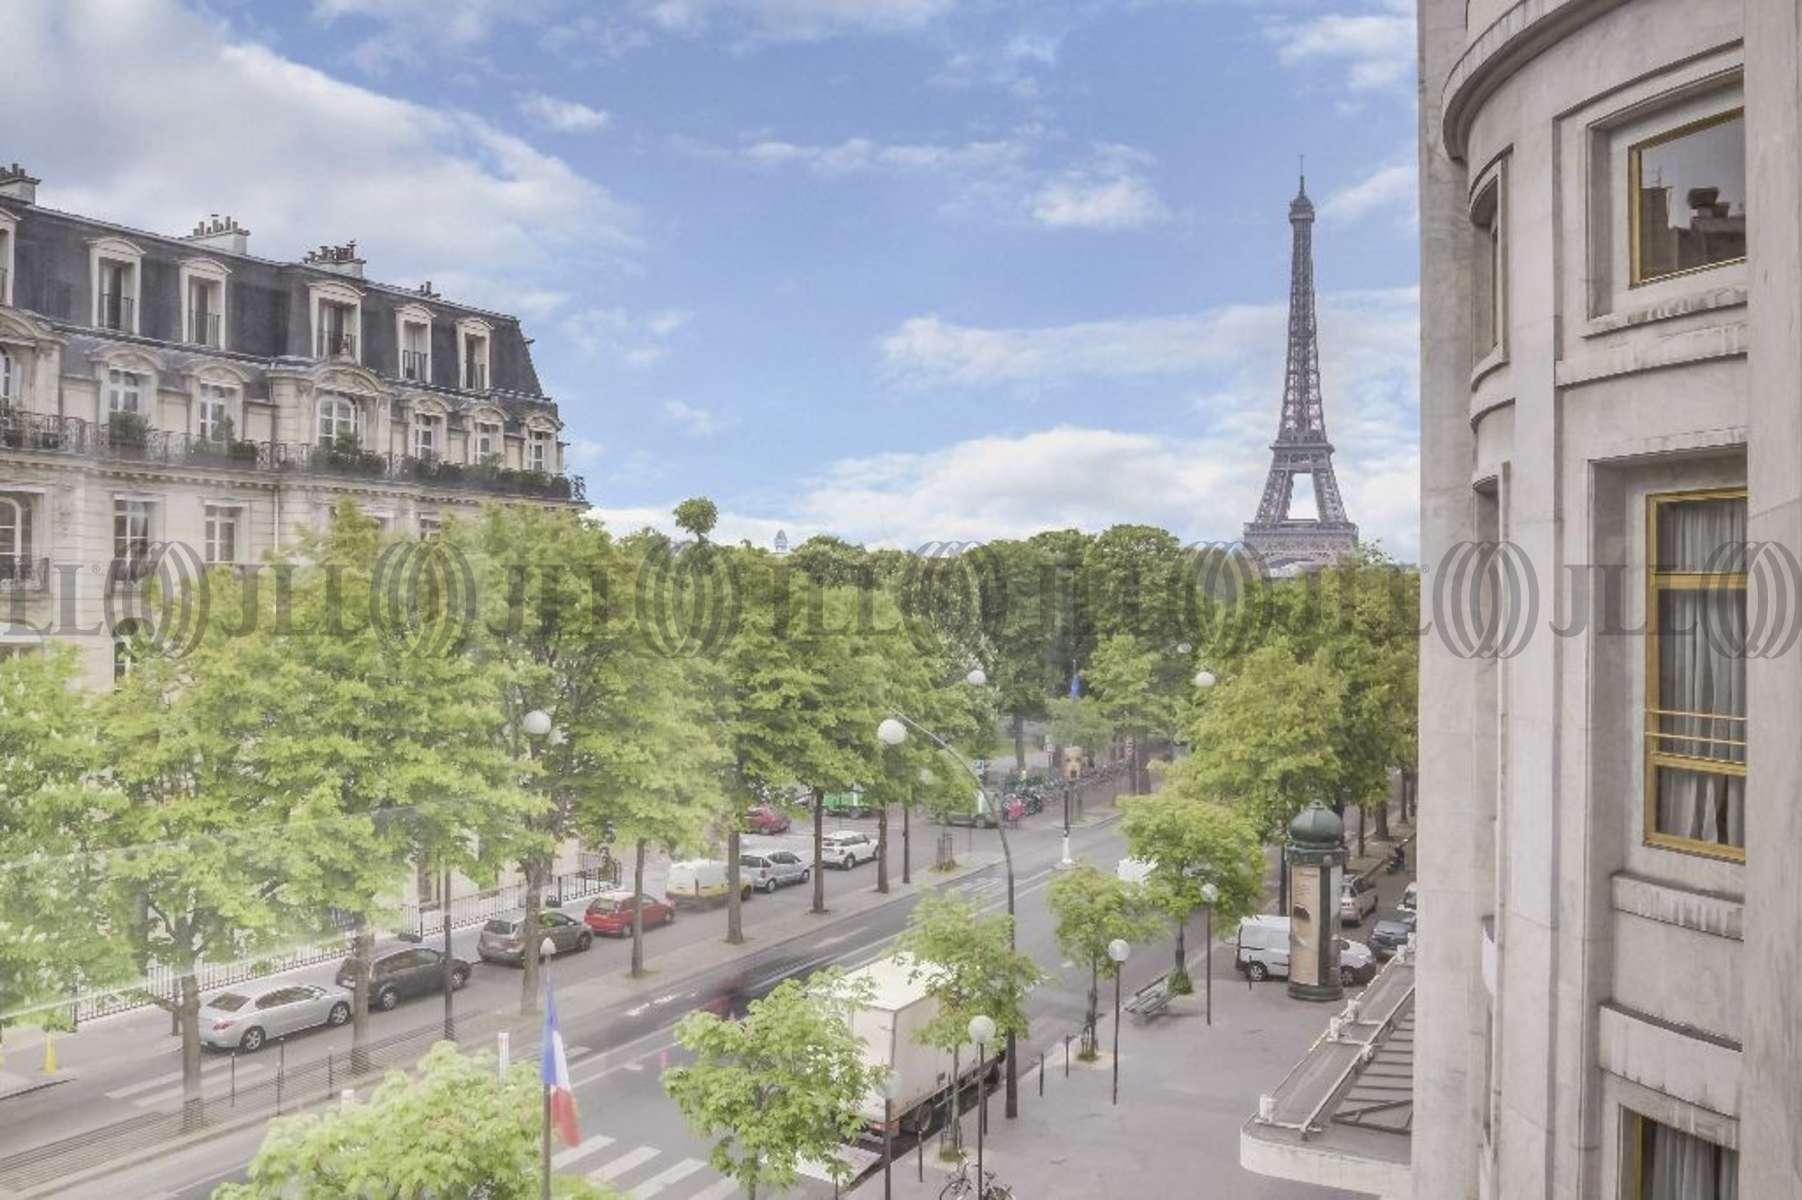 Bureaux louer 17 19 avenue montaigne 75008 paris 55750 jll - Location bureaux paris 17 ...